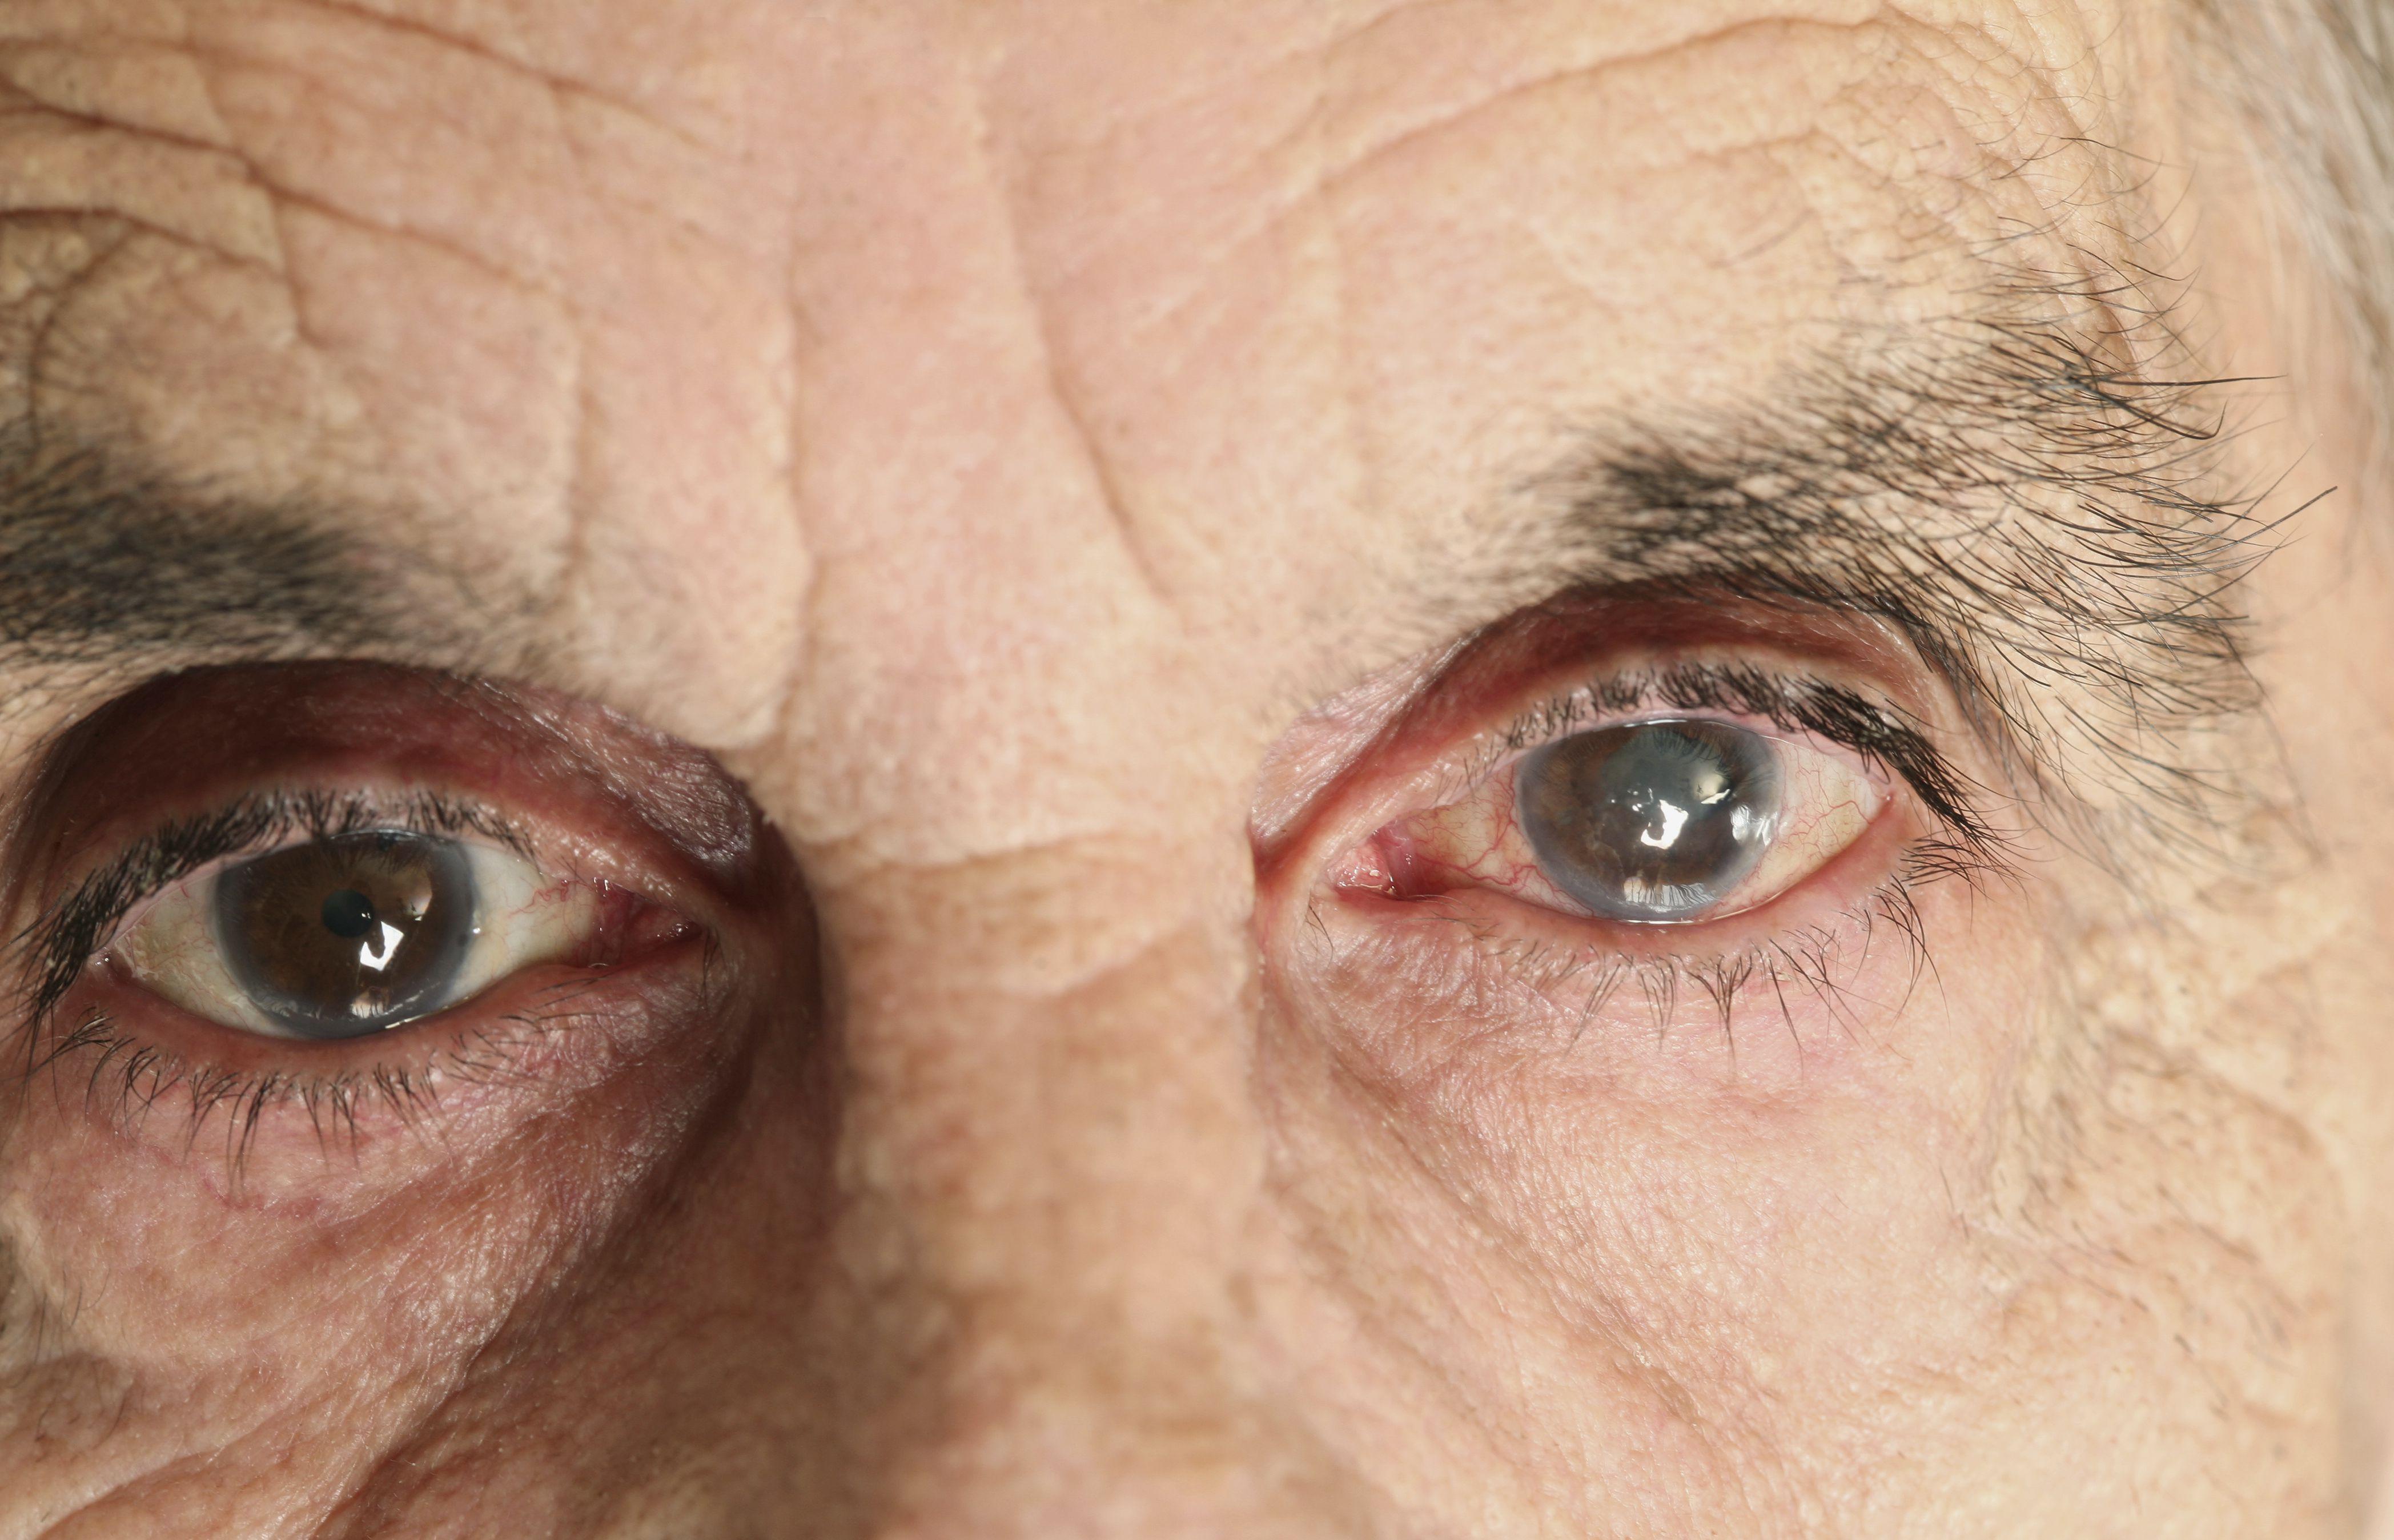 Глаукома глаза - причины, симптомы и лечение.